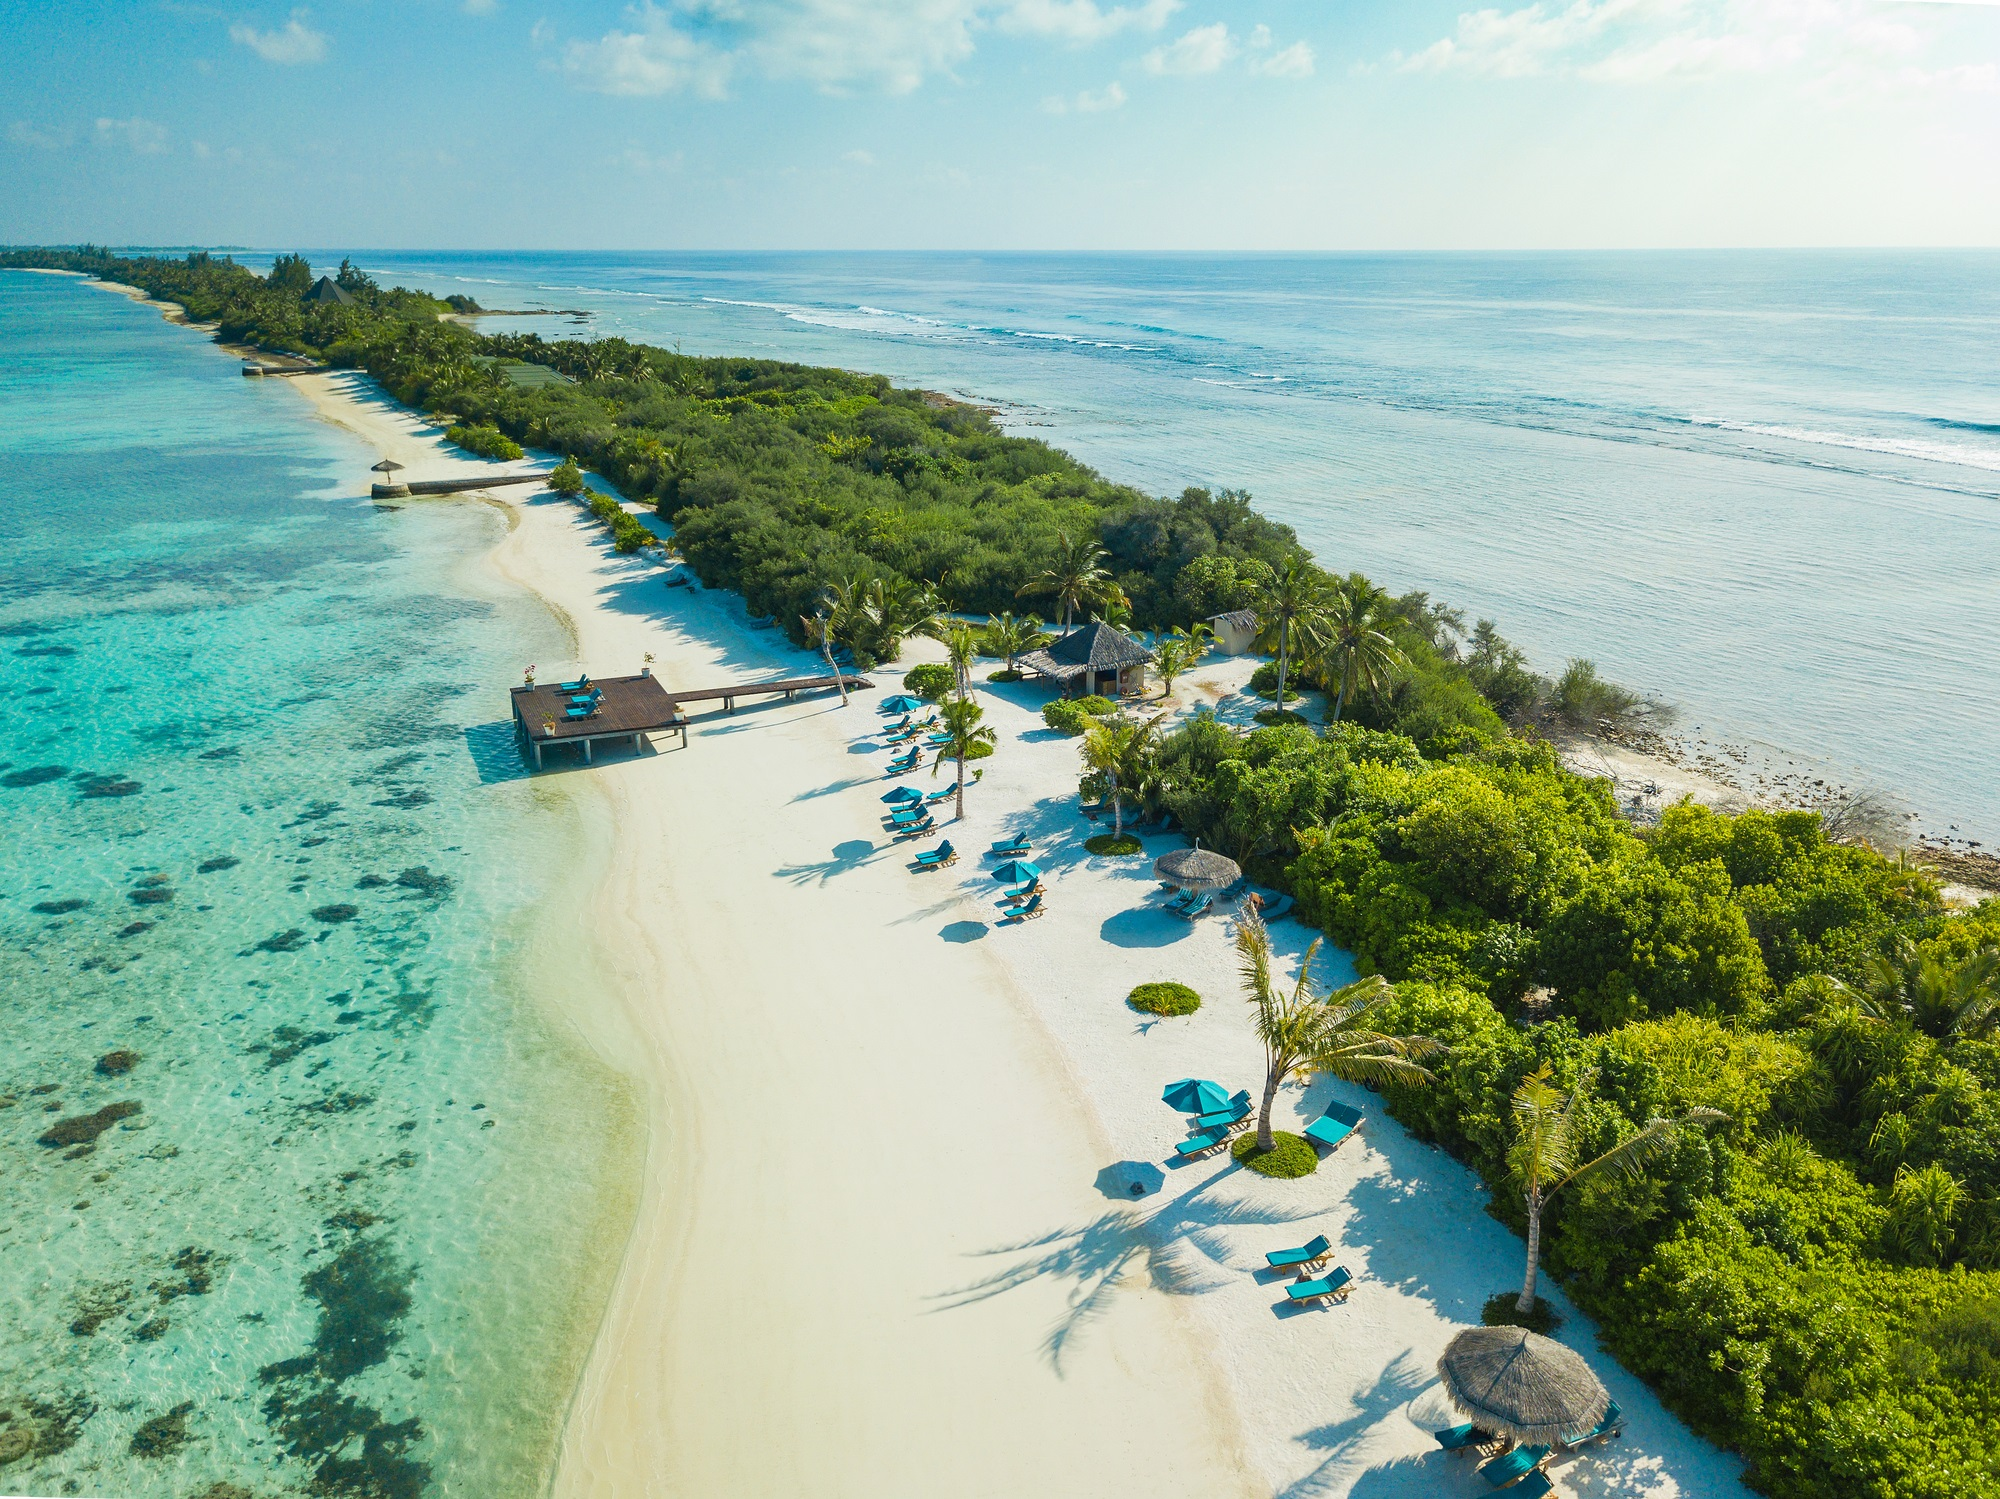 <p><strong>Малдивите</strong></p>  <p>Тези острови край южното крайбрежие на Индия са популярна туристическа дестинация и всяко изменение на климата оказва влияние върху индустрията. Според доклад на Организацията на обединените нации, по-голямата част от земната площ на острова е на по-малко от метър над морското равнище.</p>